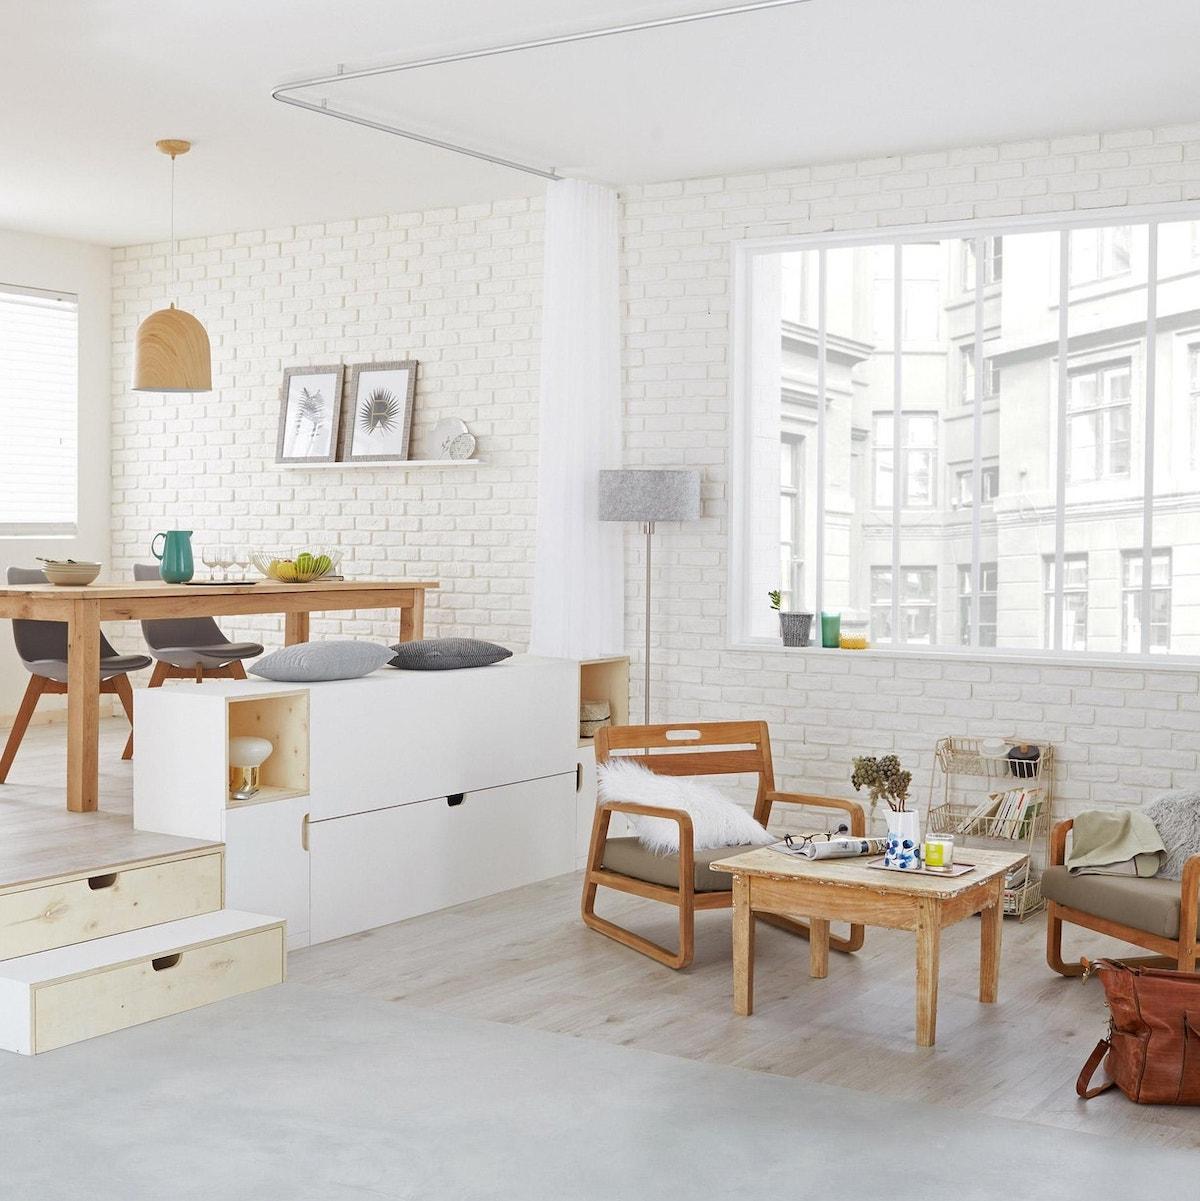 salon lumineux blanc parements de briques blancs mobiliers bois coussin fourrure